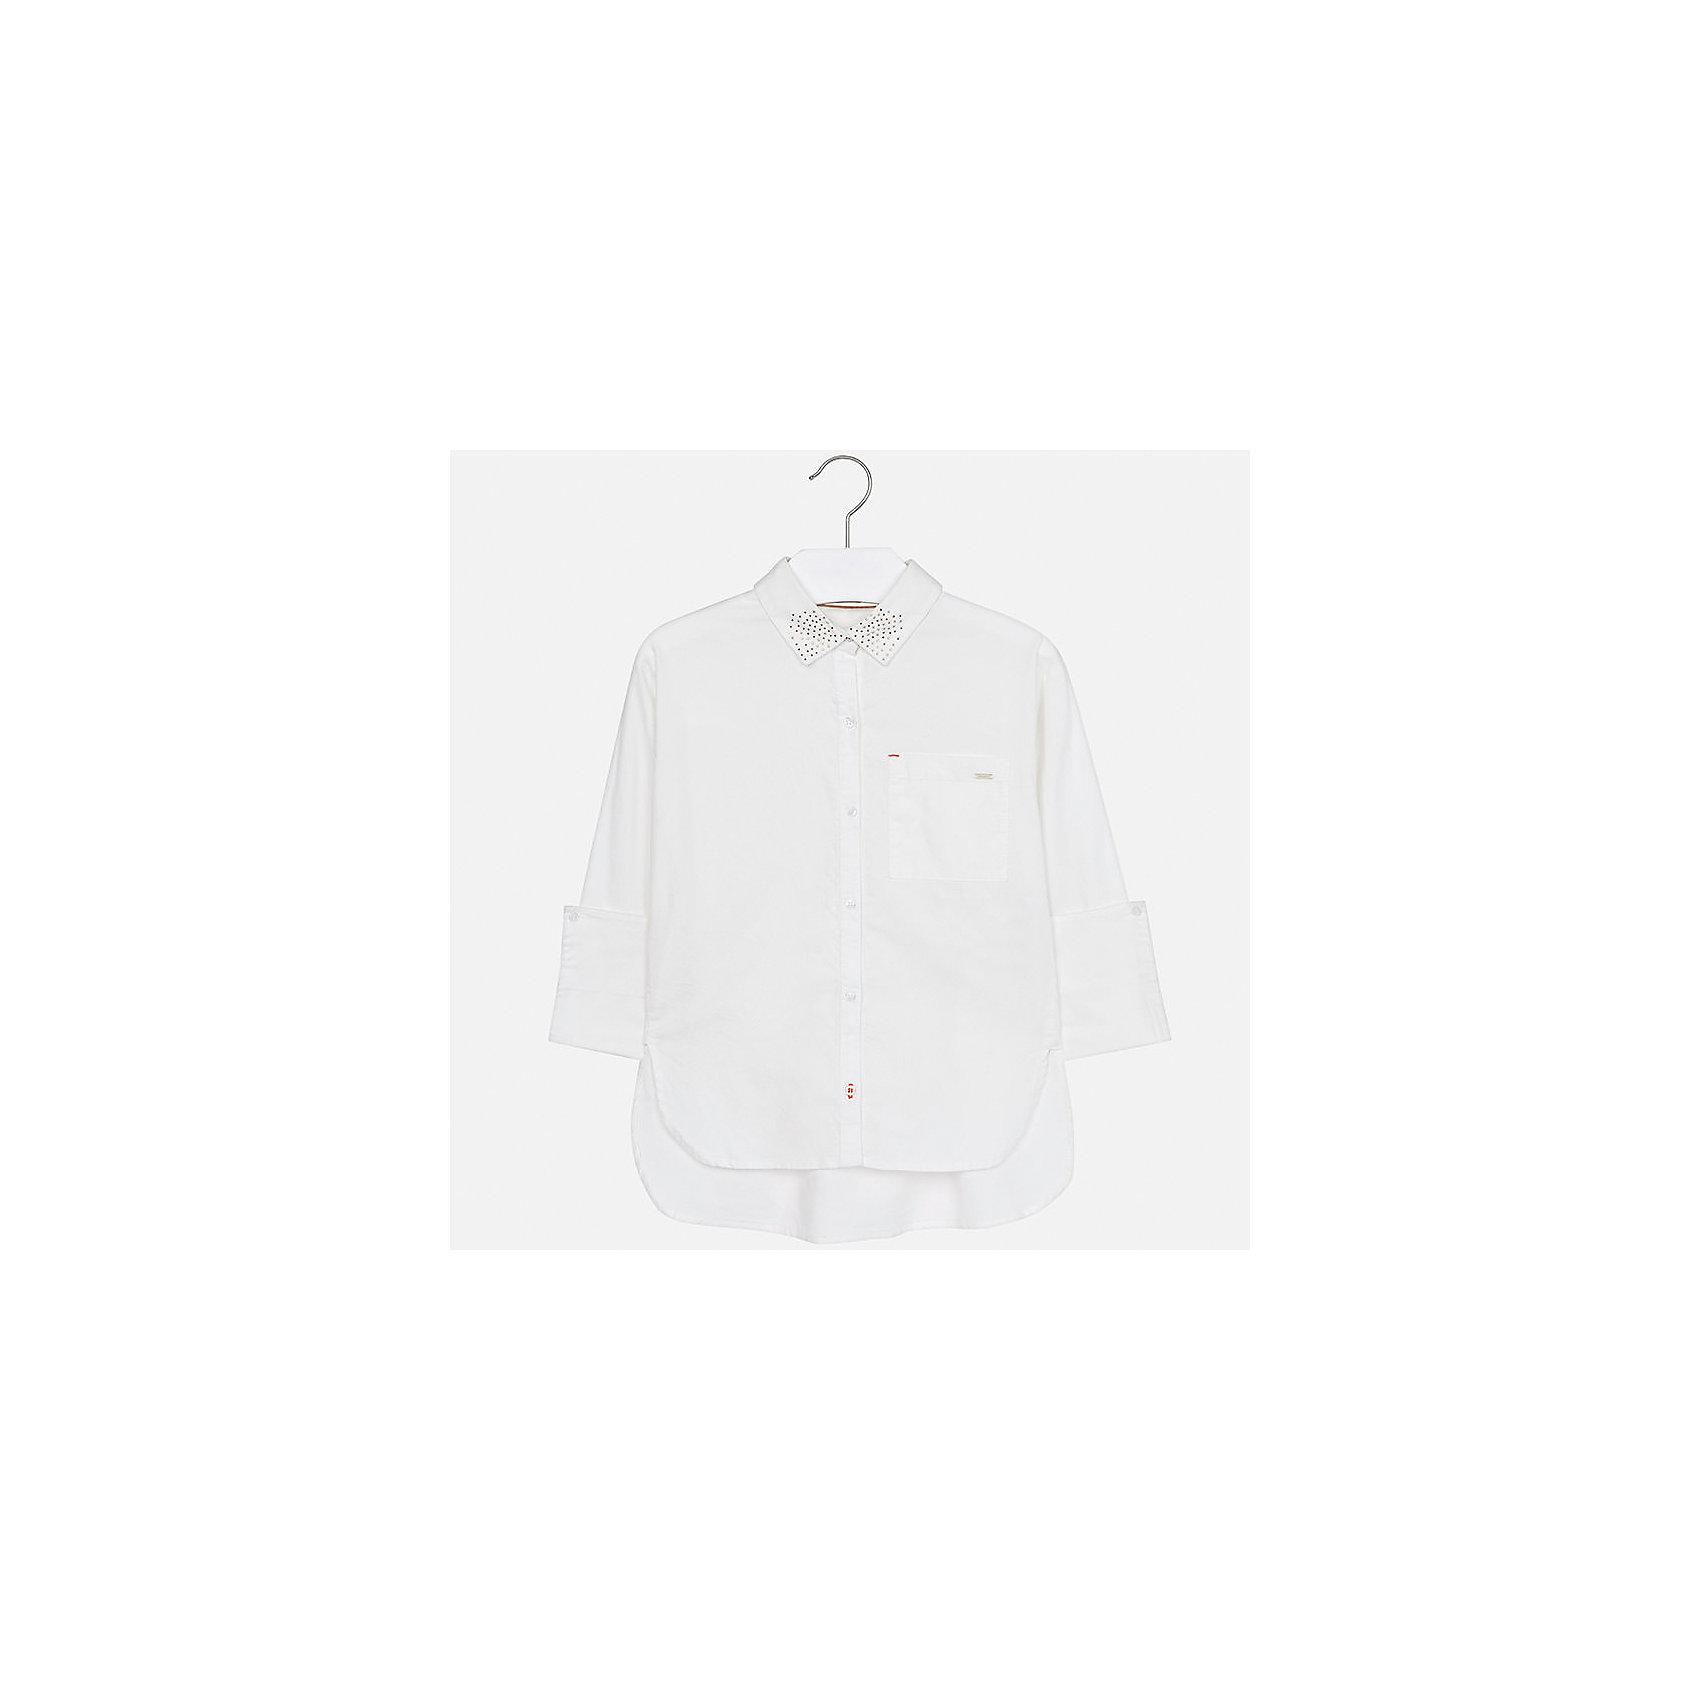 Рубашка Mayoral для девочкиБлузки и рубашки<br>Характеристики товара:<br><br>• цвет: бежевый<br>• состав ткани: 100% хлопок<br>• длинные рукава<br>• сезон: круглый год<br>• застежка: пуговицы<br>• страна бренда: Испания<br>• страна изготовитель: Индия<br><br>Бежевая блузка Mayoral обеспечит ребенку комфорт и сделает наряд оригинальным. Детская блузка для девочки от Майорал - одна из самых модных вещей наступающего сезона.<br><br>Детская одежда от испанской компании Mayoral отличаются оригинальным и всегда стильным дизайном. Качество продукции неизменно очень высокое.<br><br>Блузку для девочки Mayoral (Майорал) можно купить в нашем интернет-магазине.<br><br>Ширина мм: 186<br>Глубина мм: 87<br>Высота мм: 198<br>Вес г: 197<br>Цвет: бежевый<br>Возраст от месяцев: 168<br>Возраст до месяцев: 180<br>Пол: Женский<br>Возраст: Детский<br>Размер: 170,128/134,140,152,158,164<br>SKU: 6921711